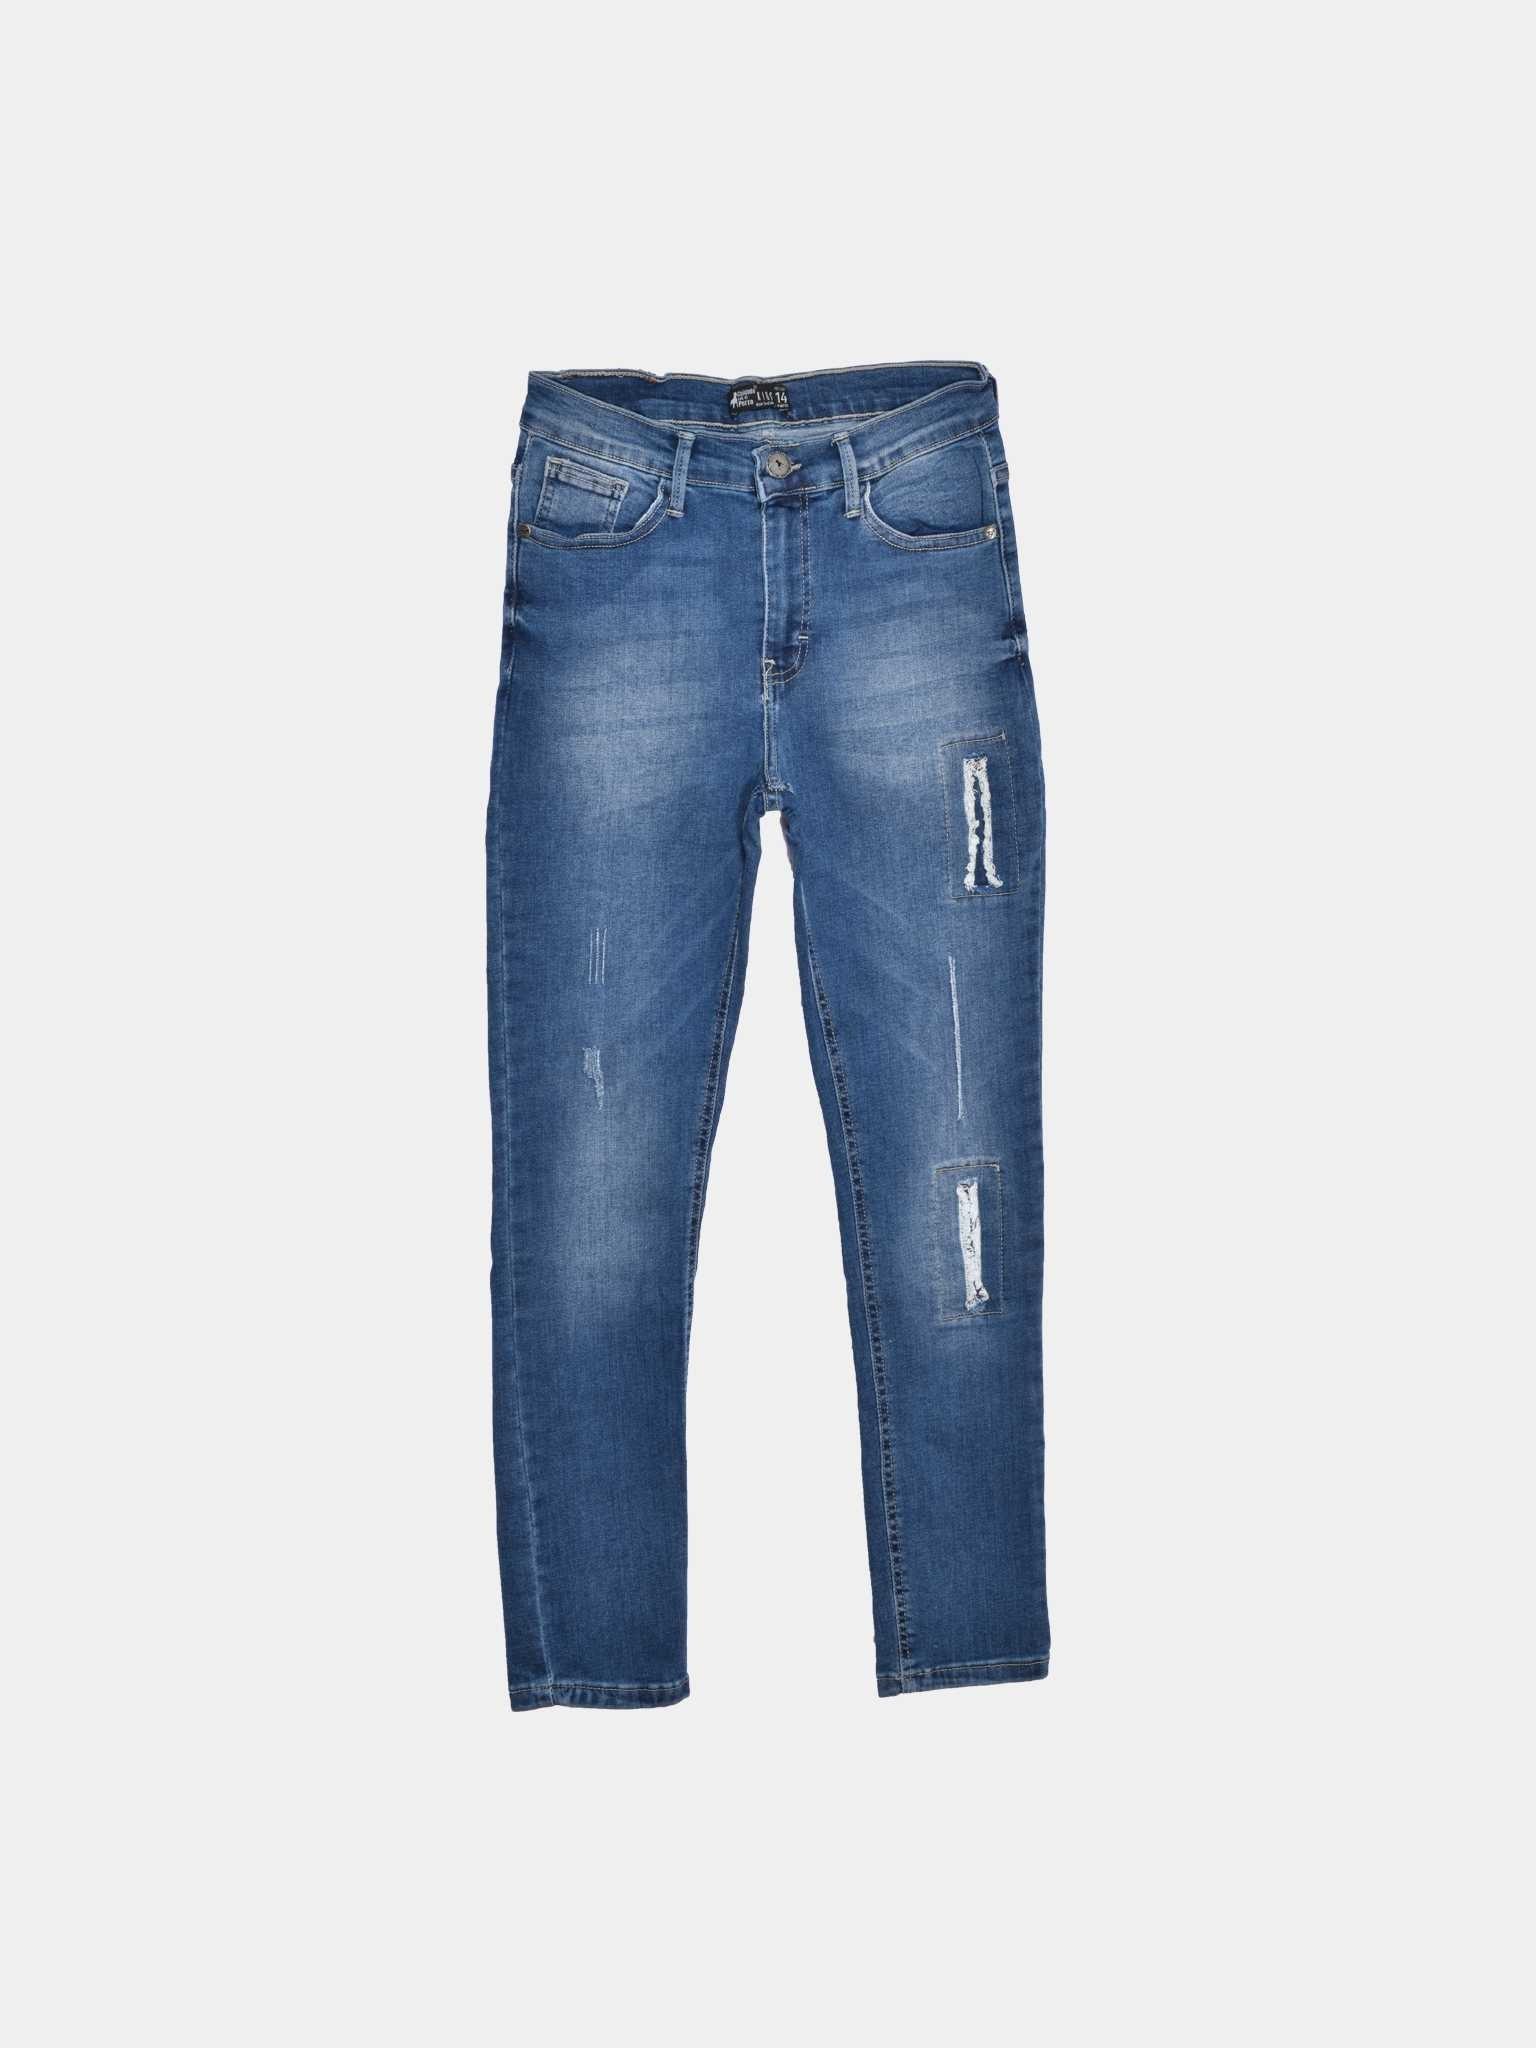 Oferta de Jeans Desgarres por $170.1